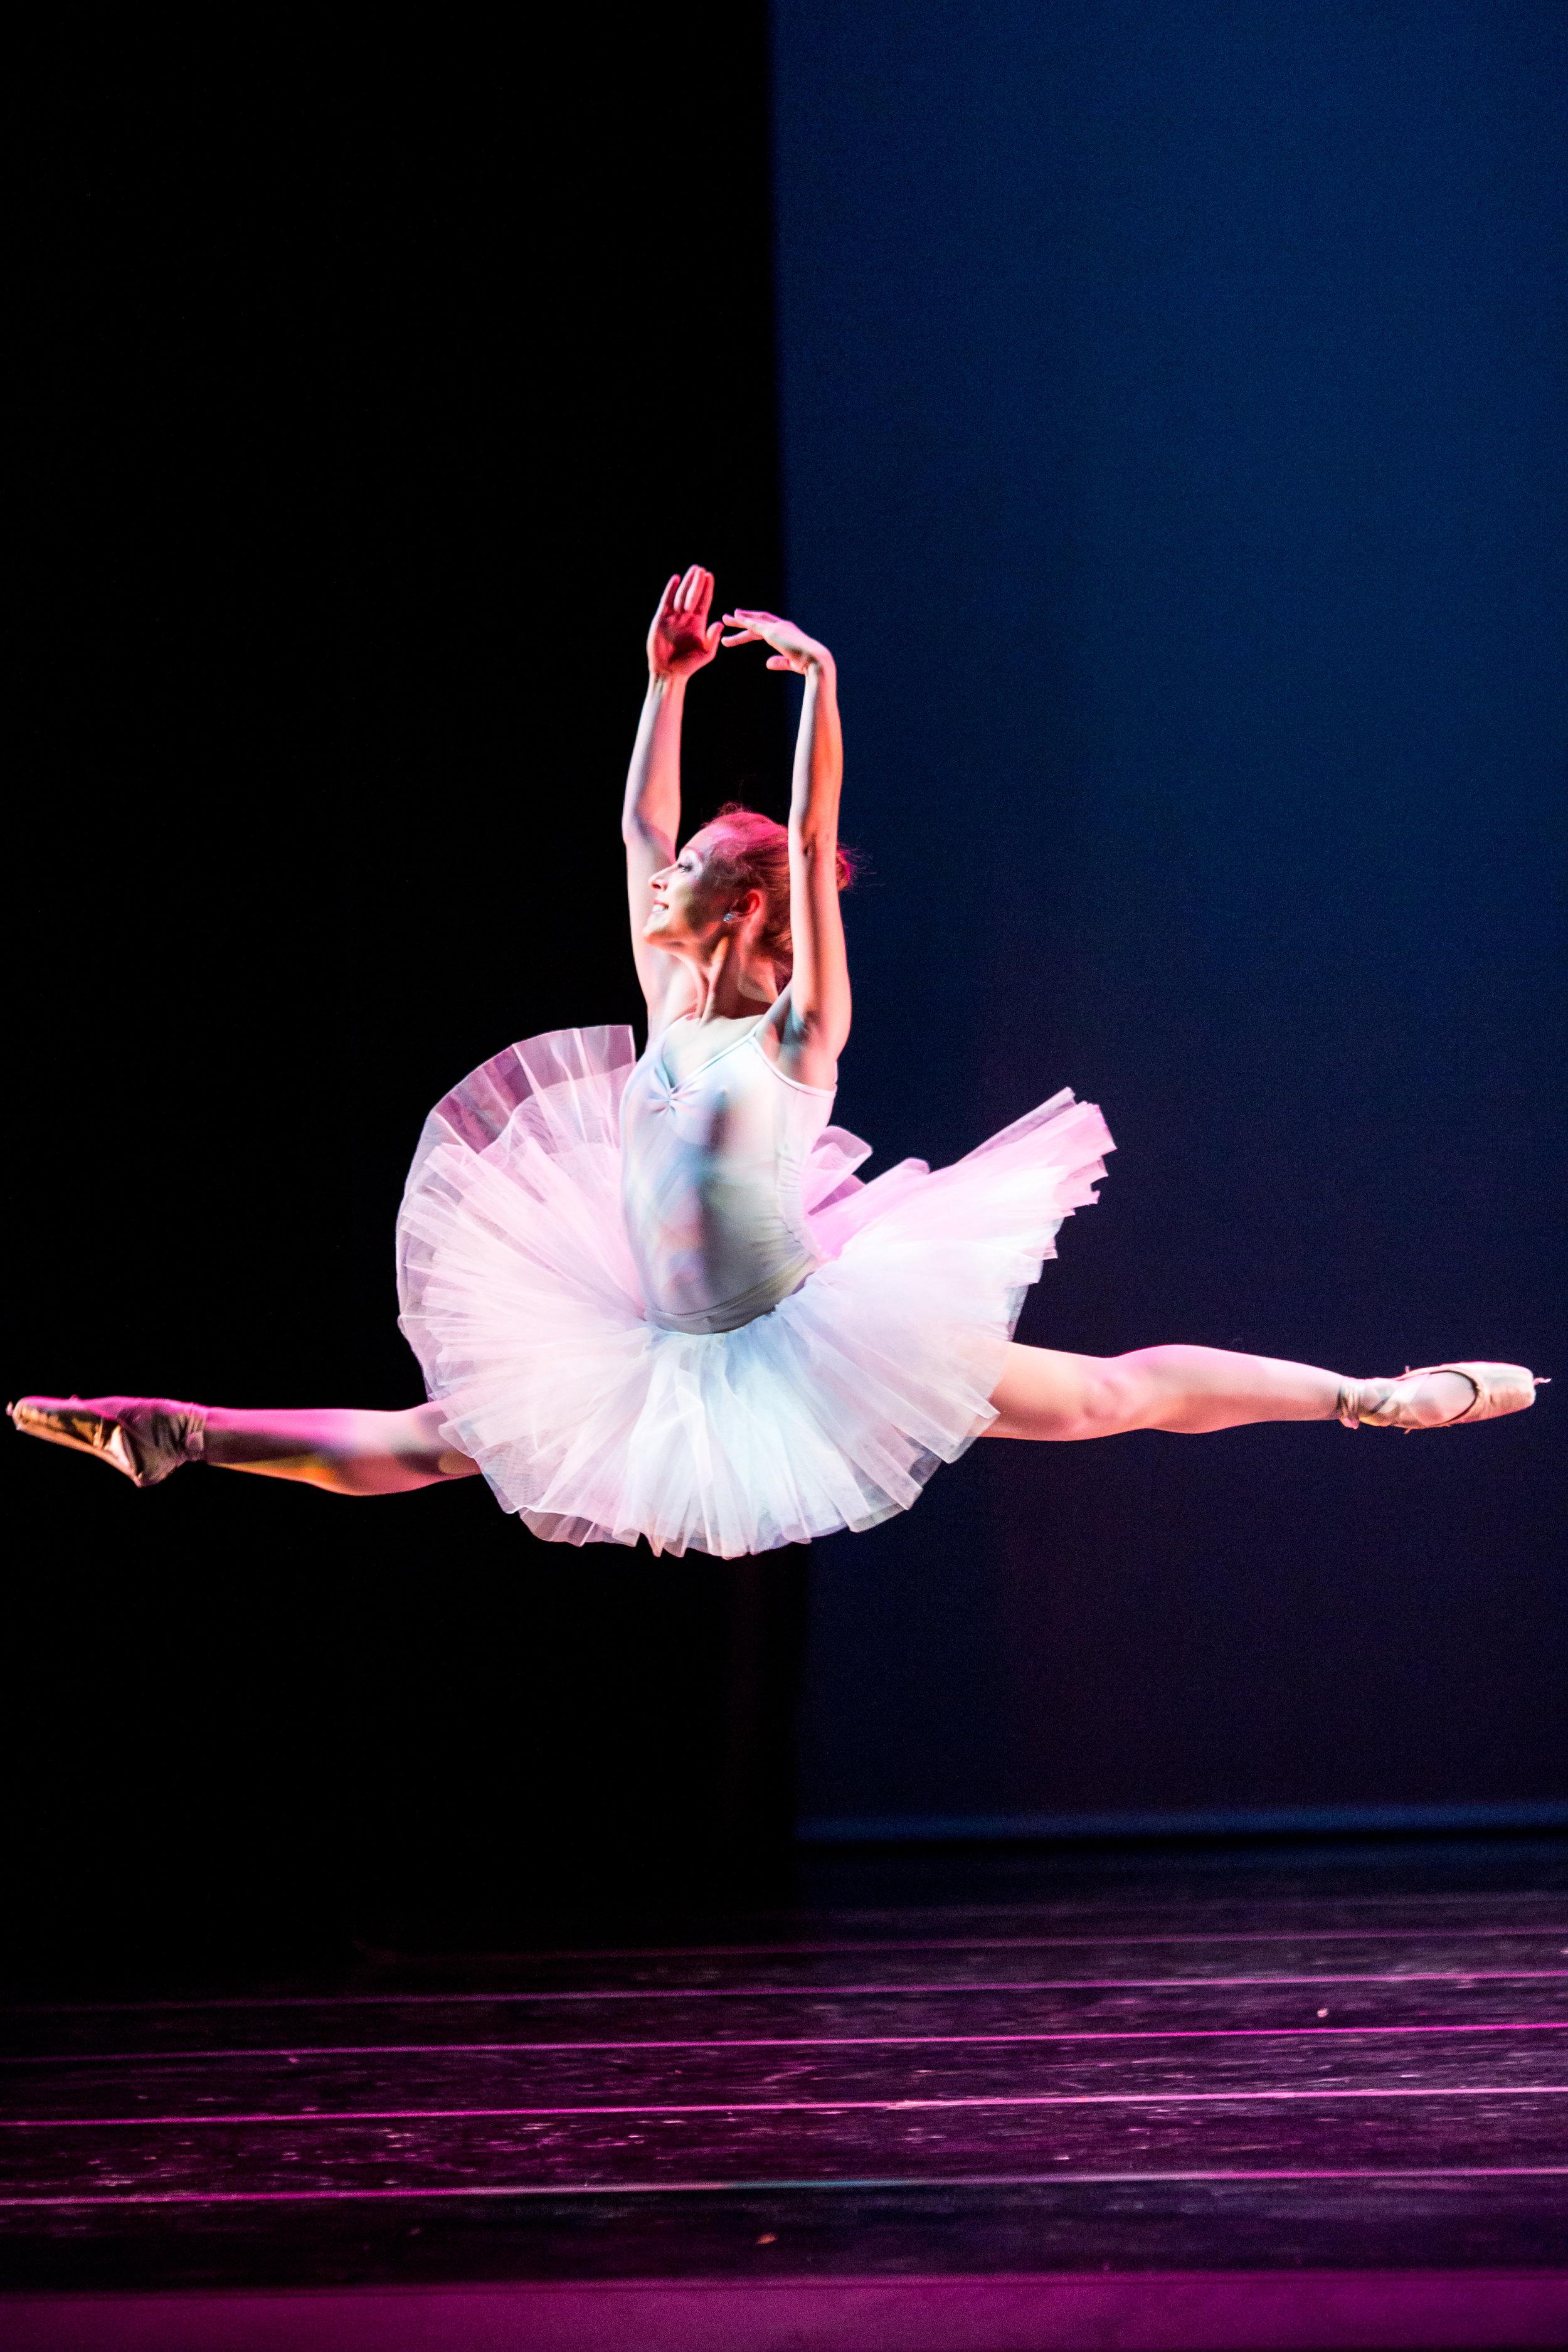 2017_03_03_duke_ballet-1284.jpg